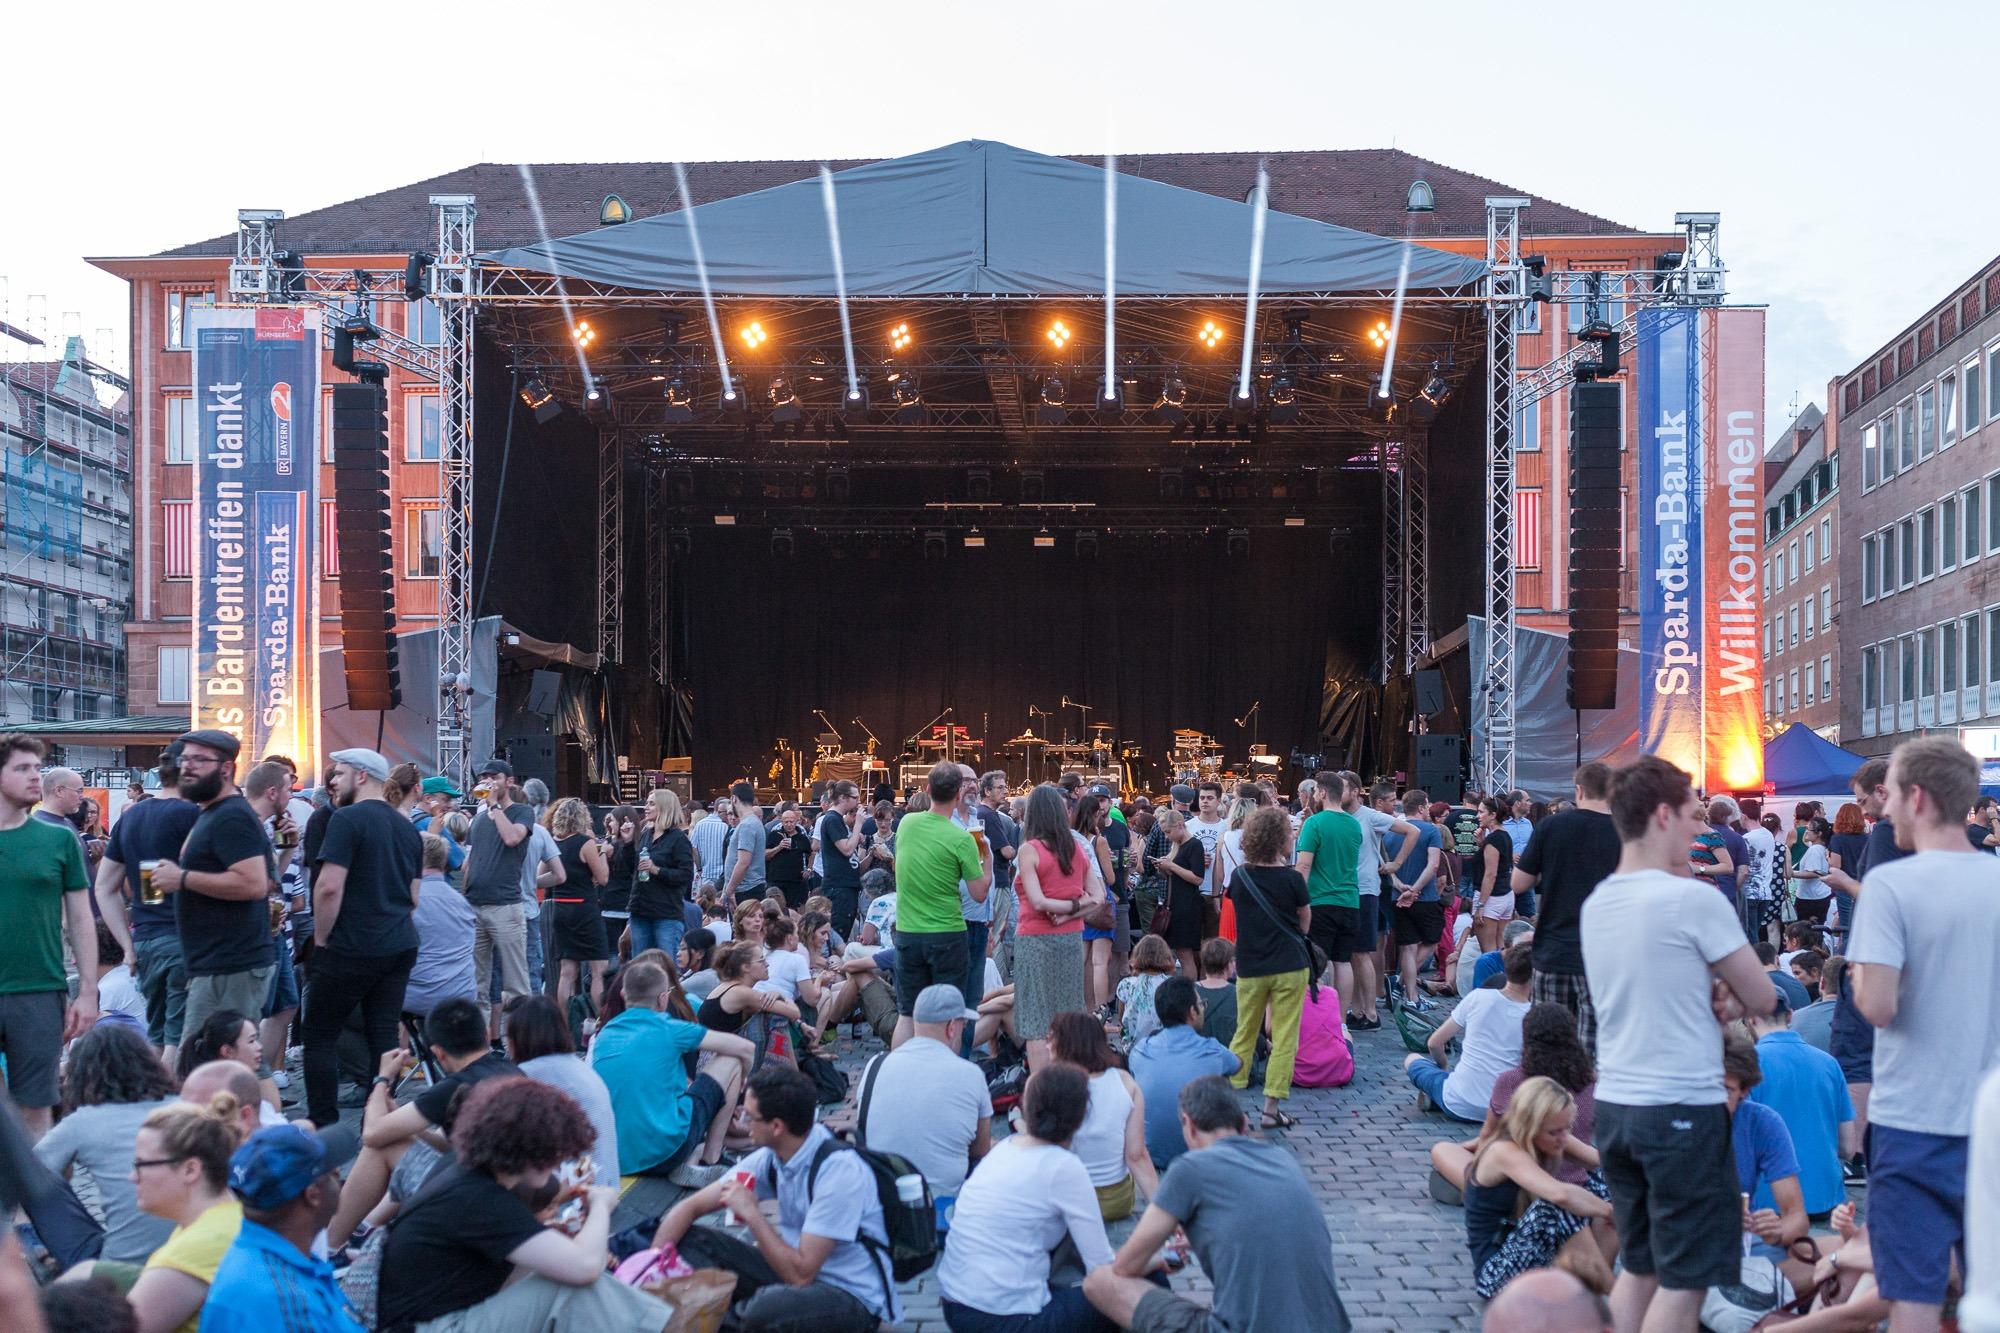 Bühne auf dem Hauptmarkt beim Bardentreffen 2018 in Nürnberg